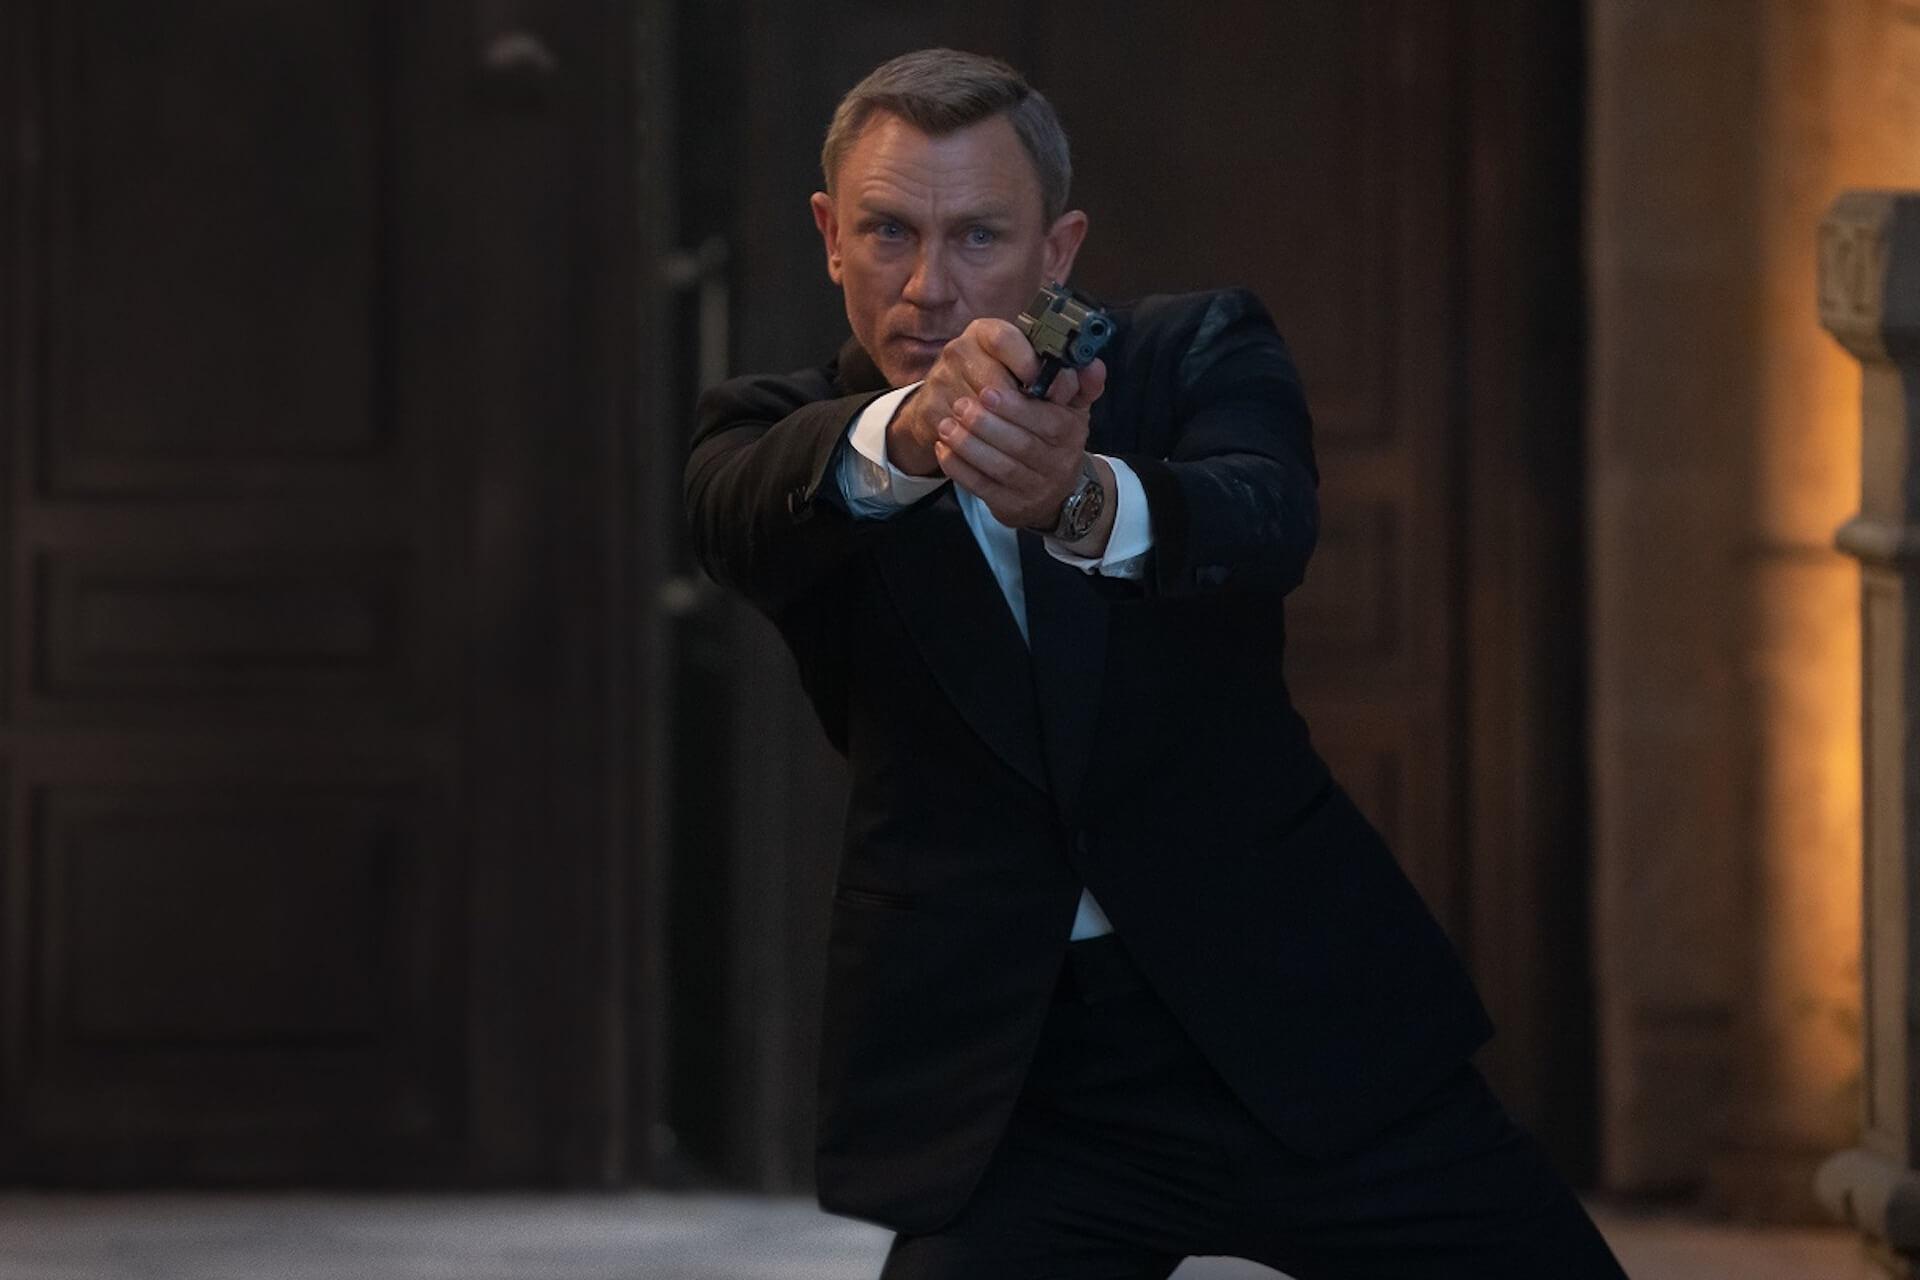 ダニエル・クレイグ演じるジェームズ・ボンドの歴史を振り返る!『007/ノー・タイム・トゥ・ダイ』特別映像が解禁 film210915_007_ntd_14